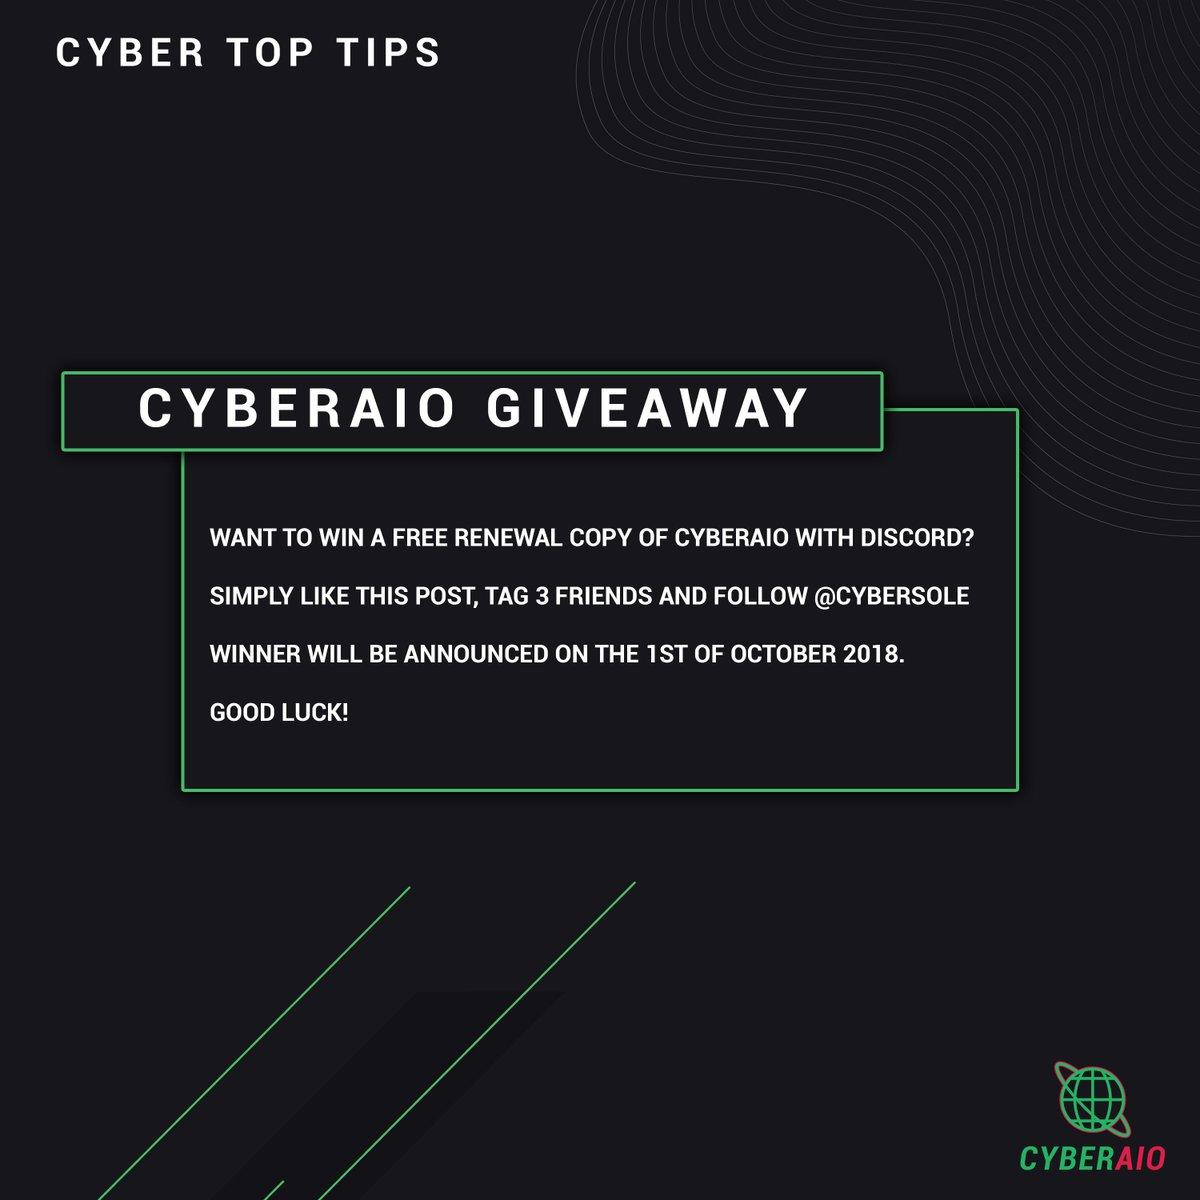 Cybersole on Twitter: